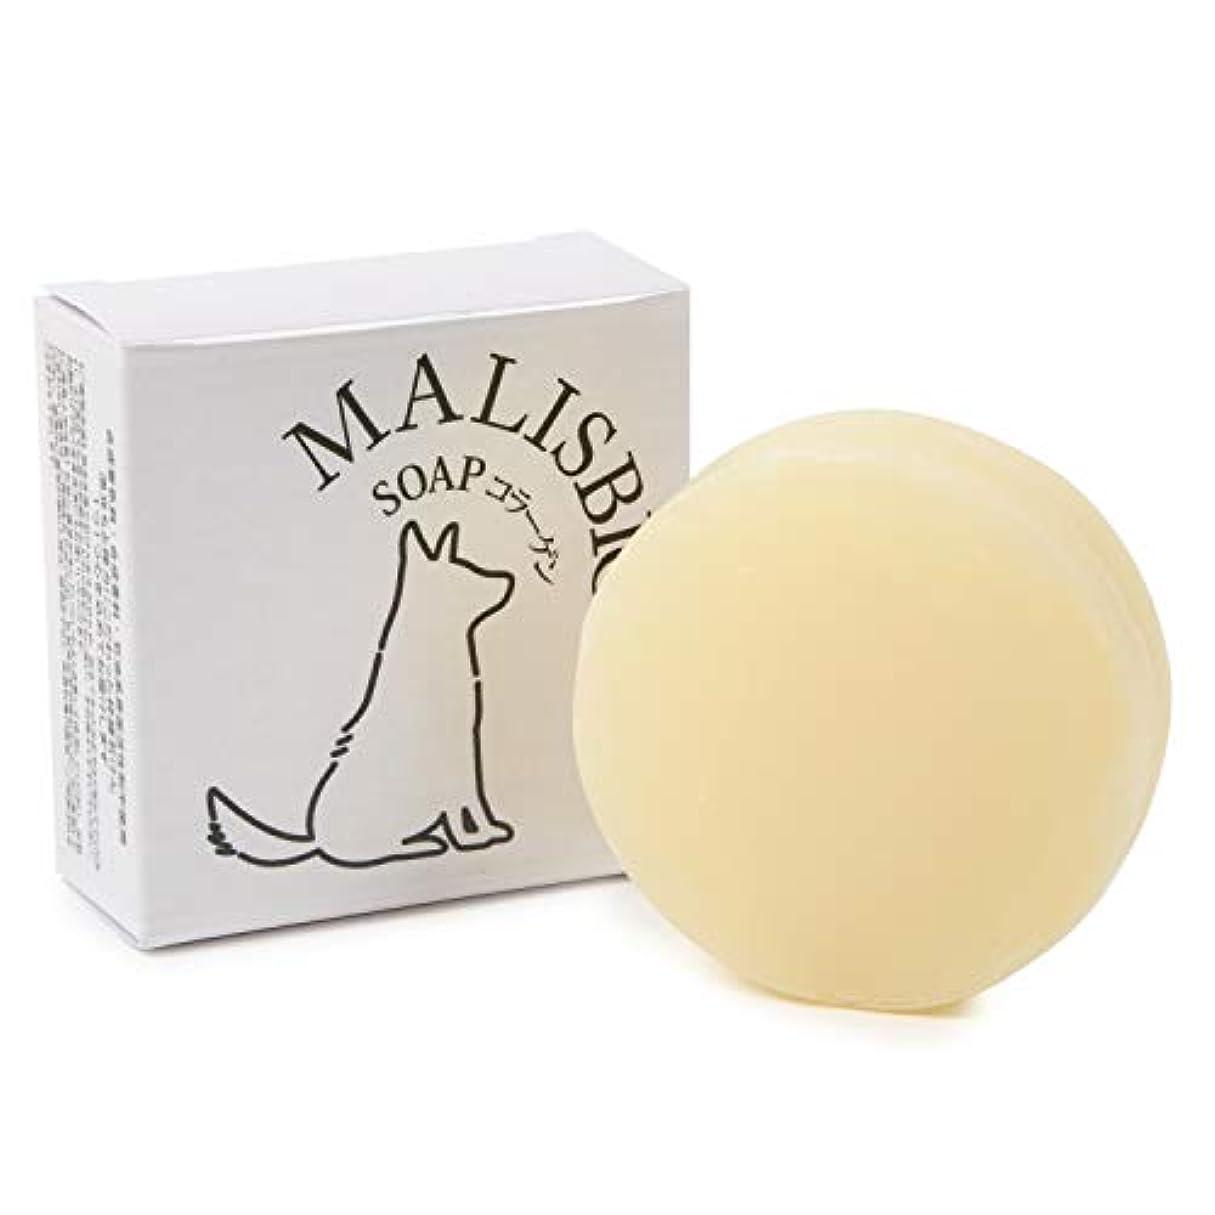 フィクション平らにする髄コラーゲンソープ 洗顔石鹸 固形 無添加 お肌に優しい成分のみ 敏感肌 毛穴にも 日本製 マリスビオ